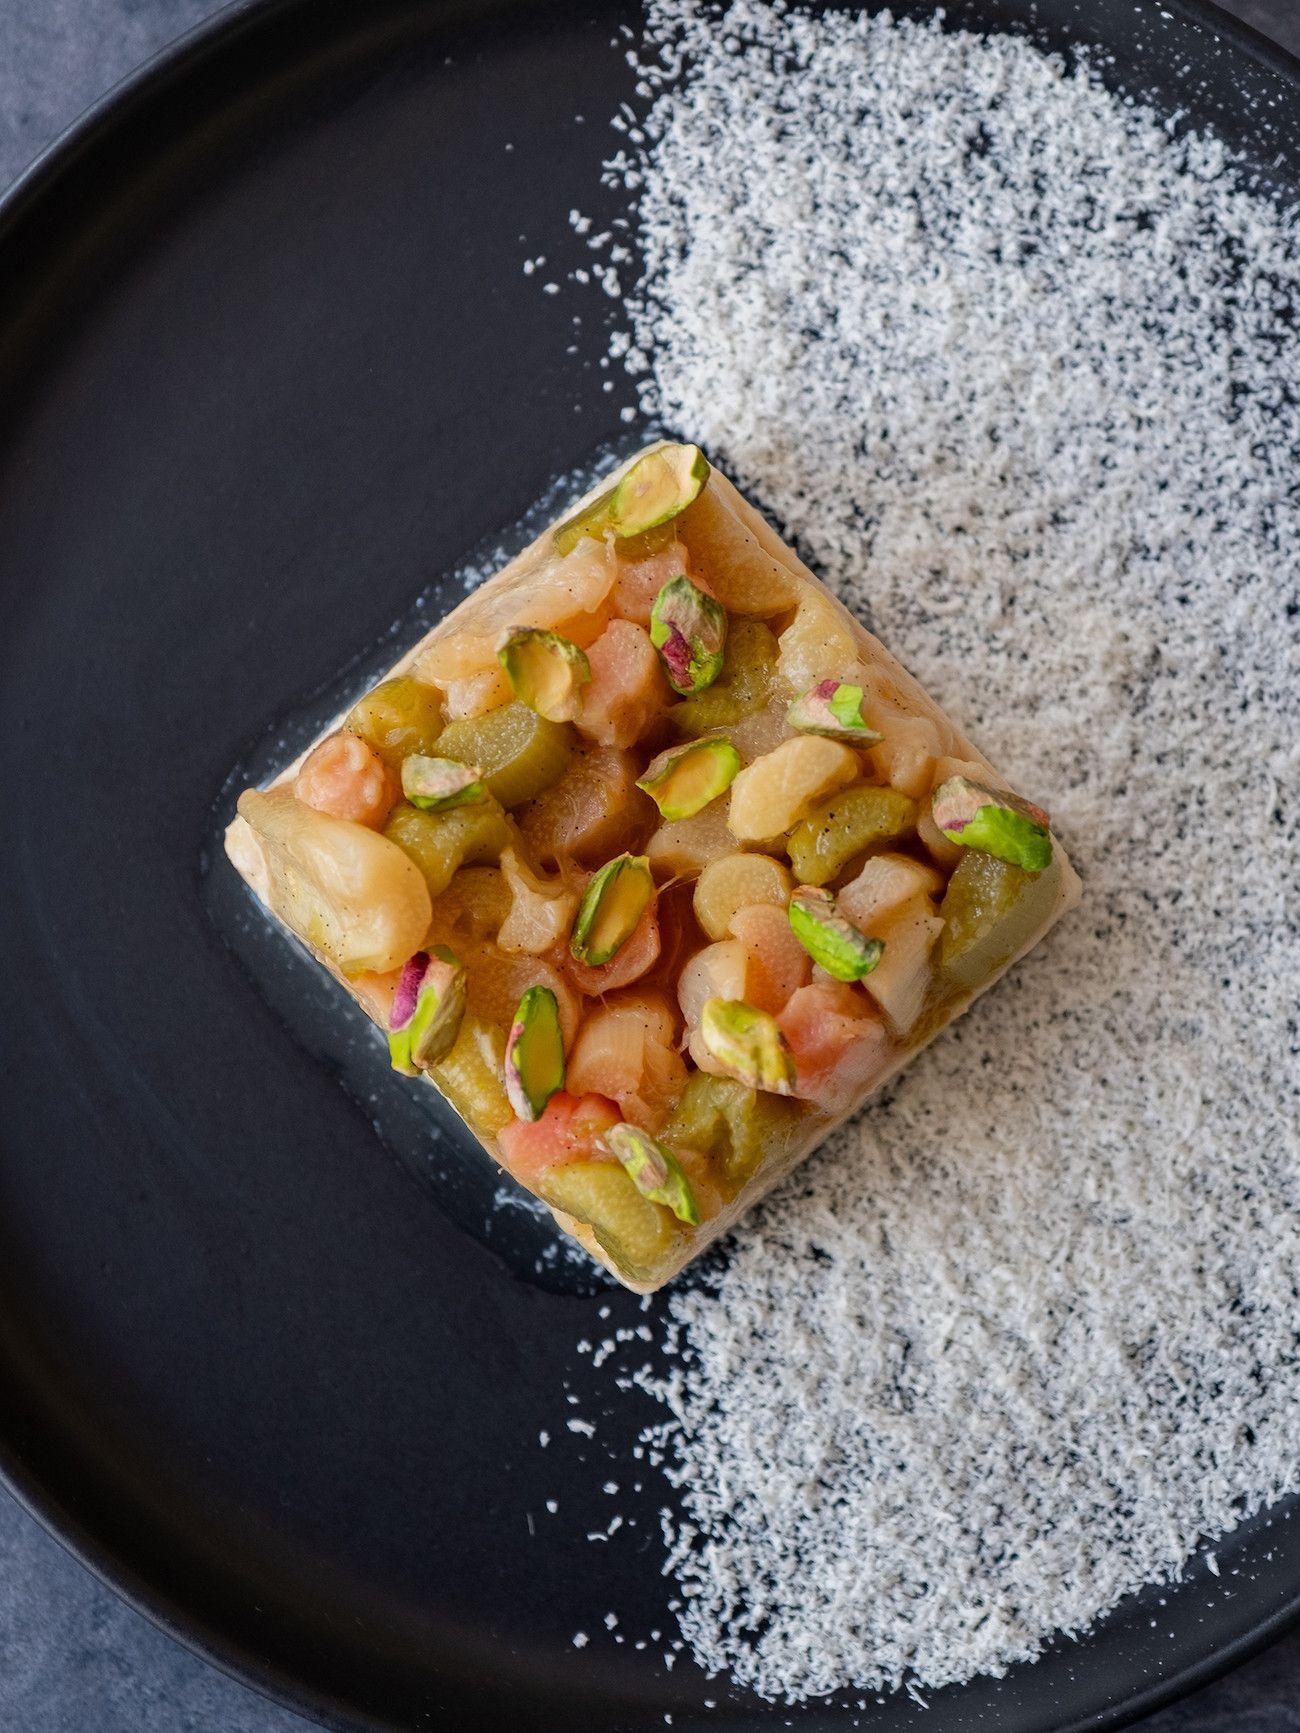 Foodblog About Fuel, Rezept Grießpudding Schnitte mit weißer Schokolade und Vanille-Rhabarber, Schokoraspel, Pistazien